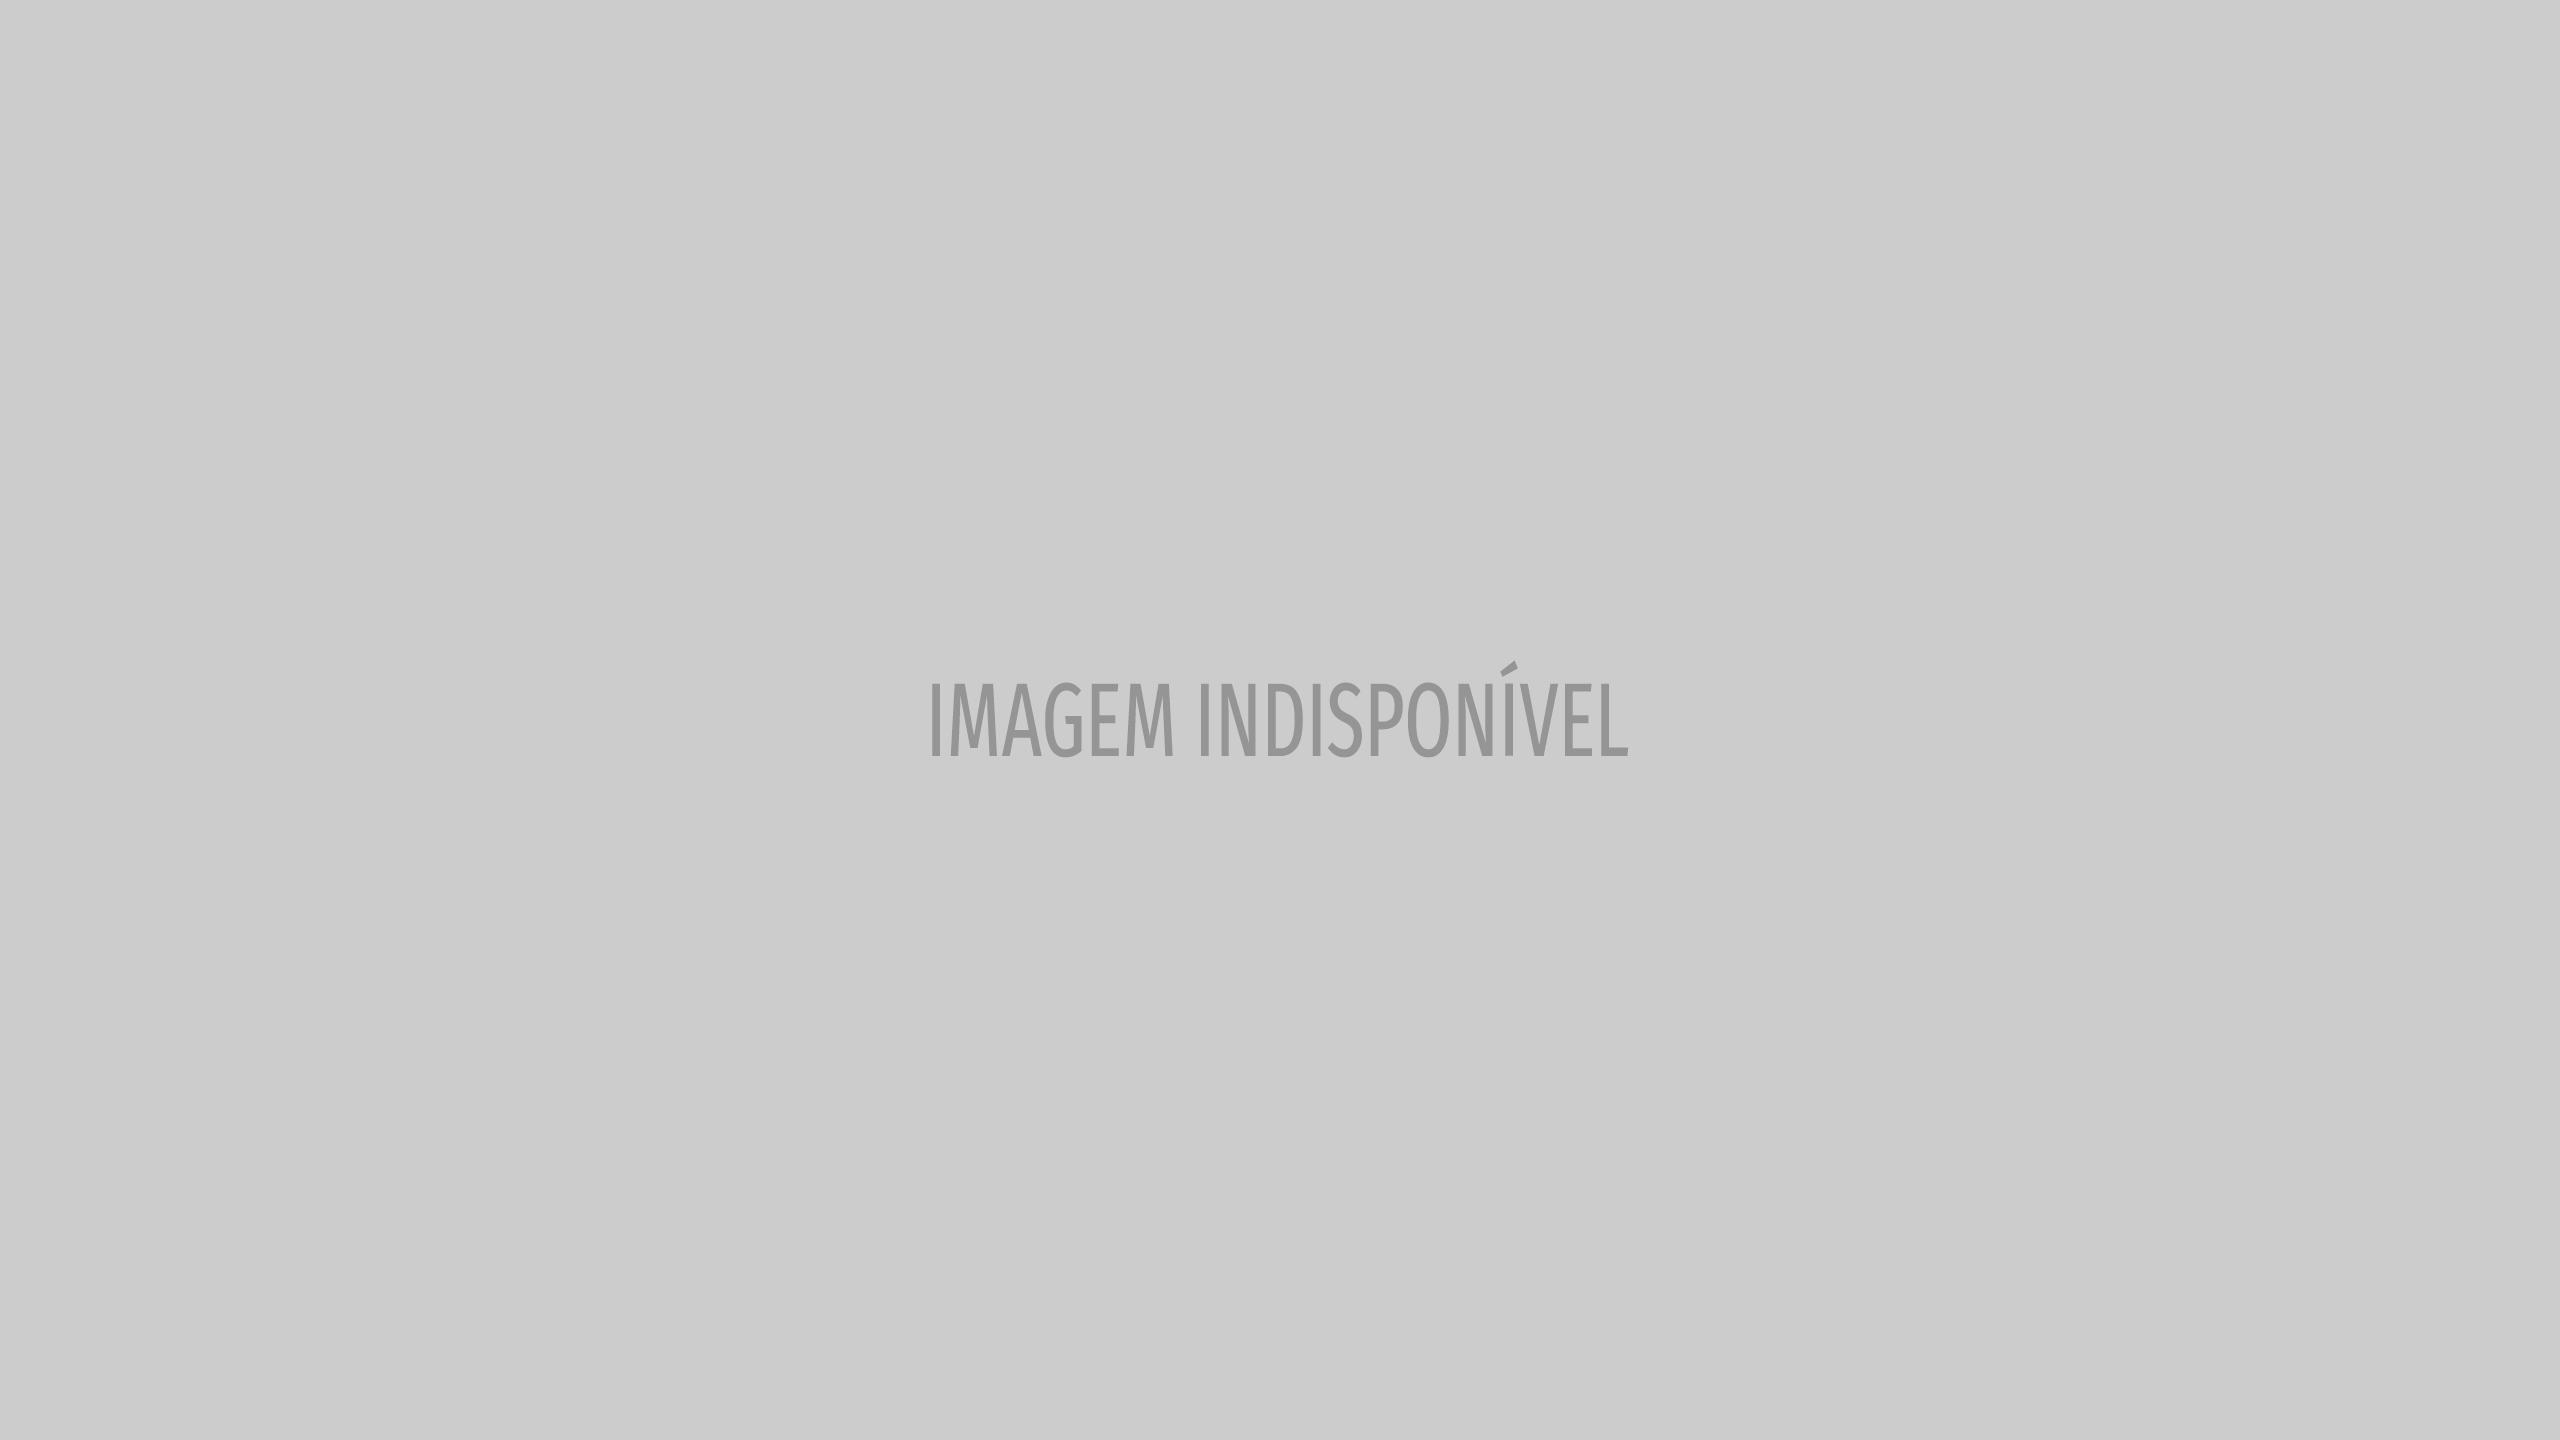 Atriz Carol Castro e violinista Felipe Prazeres separados